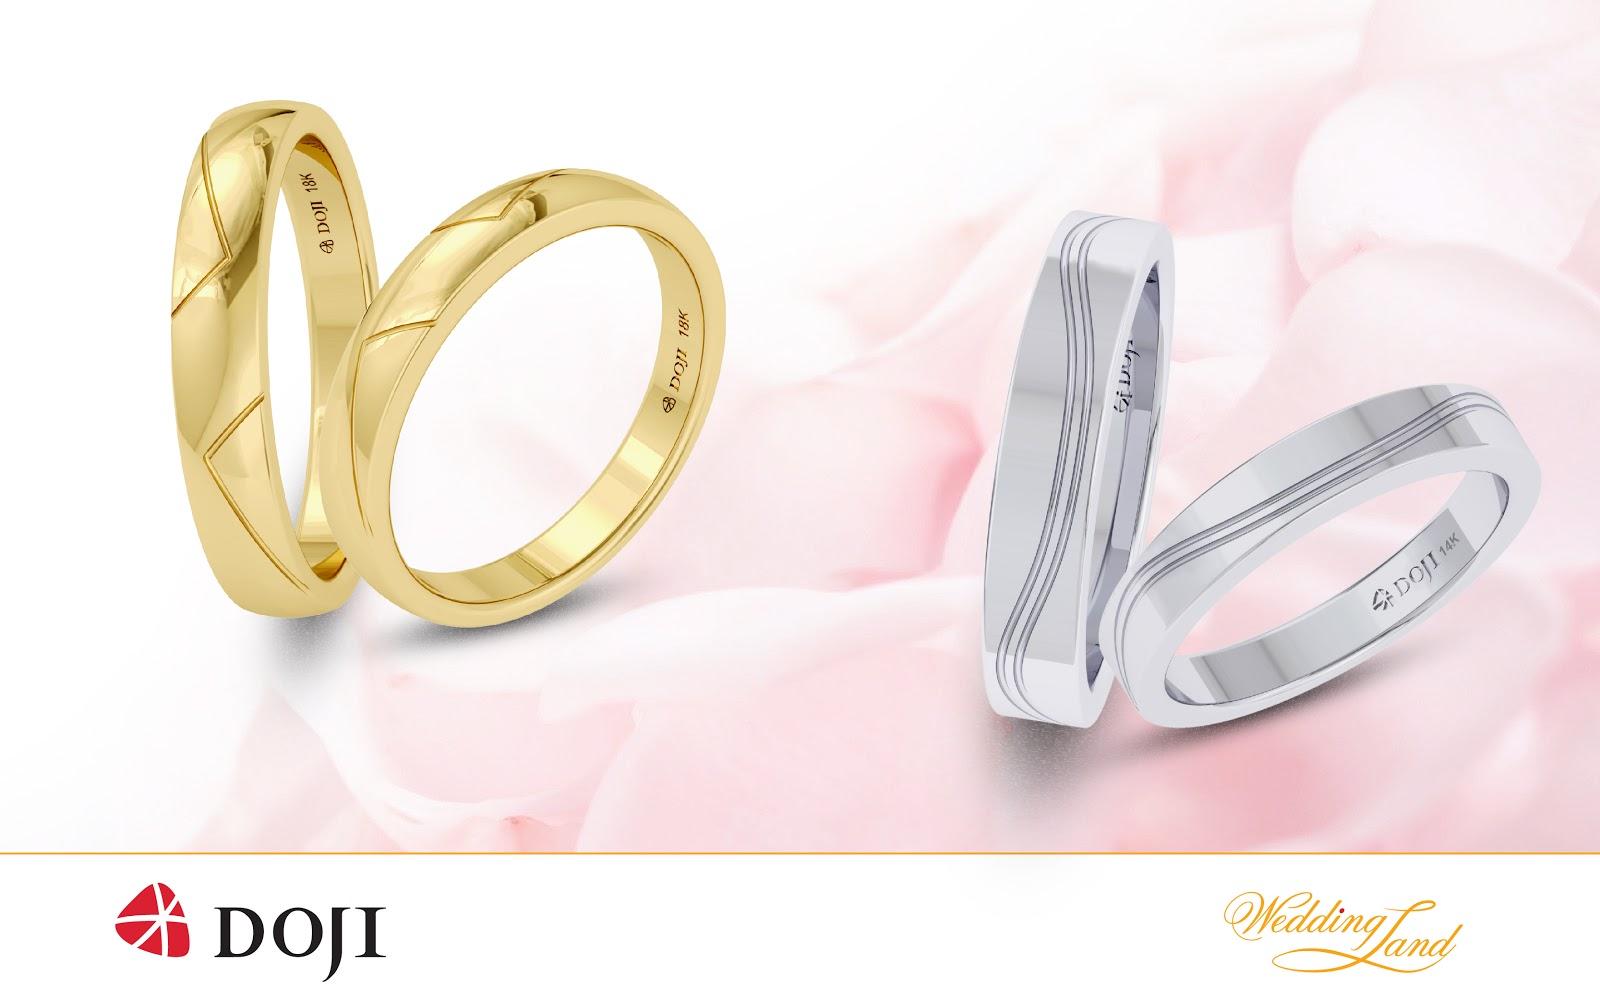 Nhẫn cưới DOJI, giảm giá sâu, trúng thưởng lớn - Ảnh 5.